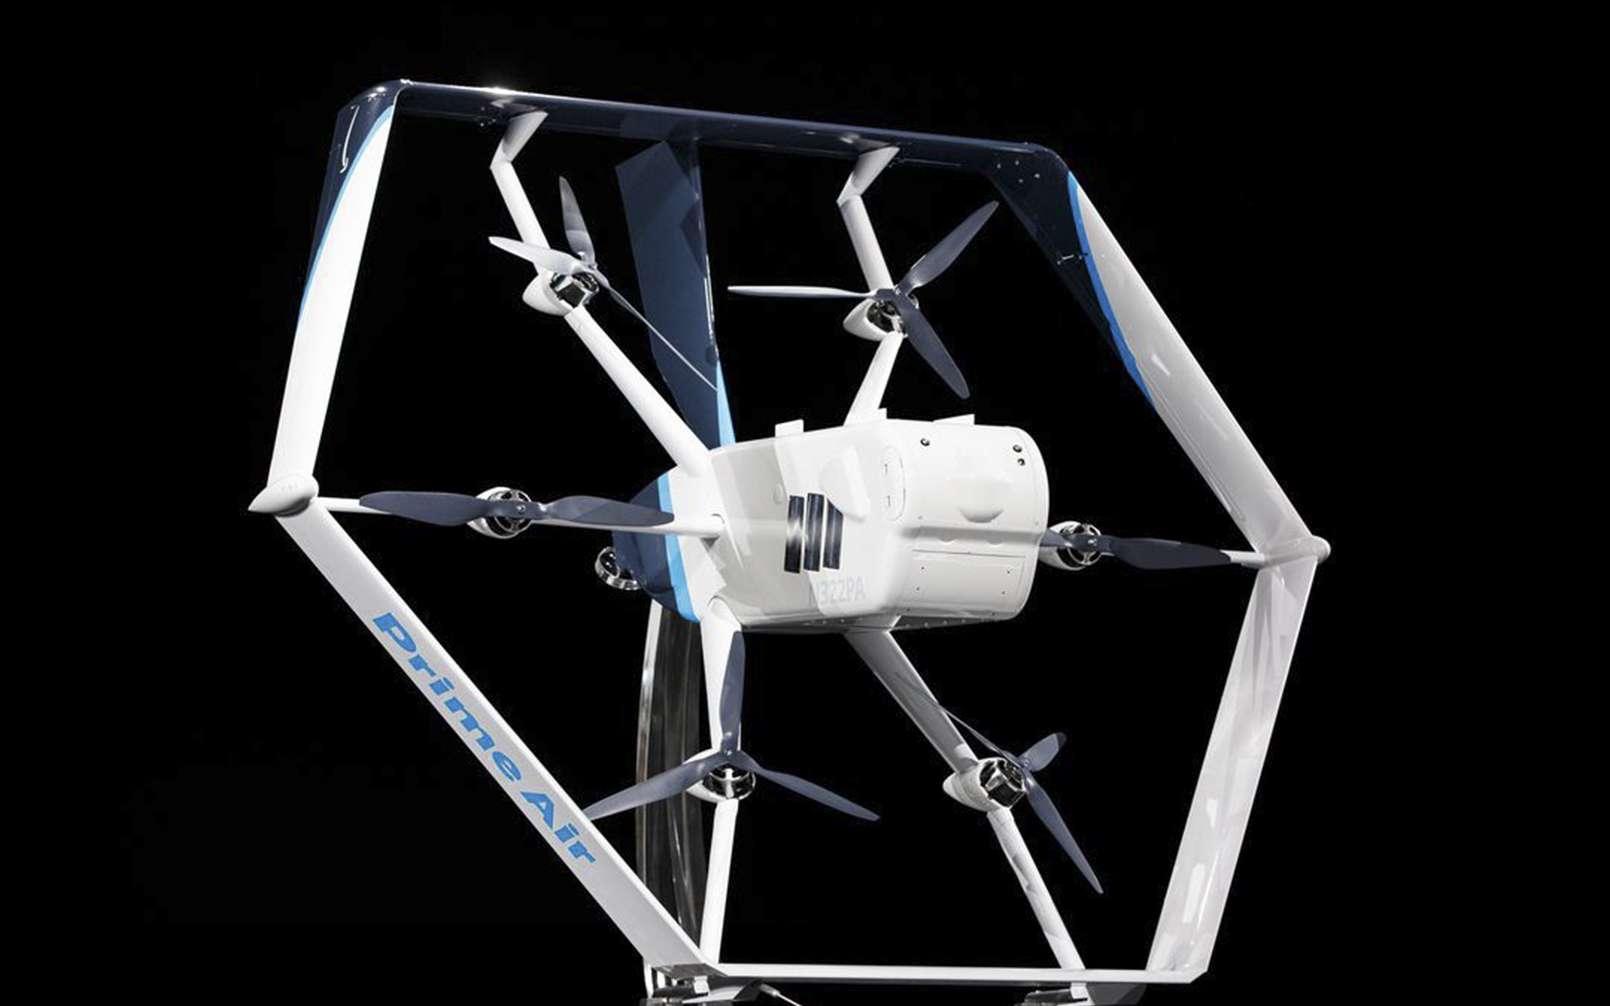 Équipé de six rotors et une fois incliné, le drone d'Amazon évolue tel un avion pour livrer des colis de moins de 2,3 kg. Il pourrait aussi effectuer des missions de surveillance des habitations. © Amazon